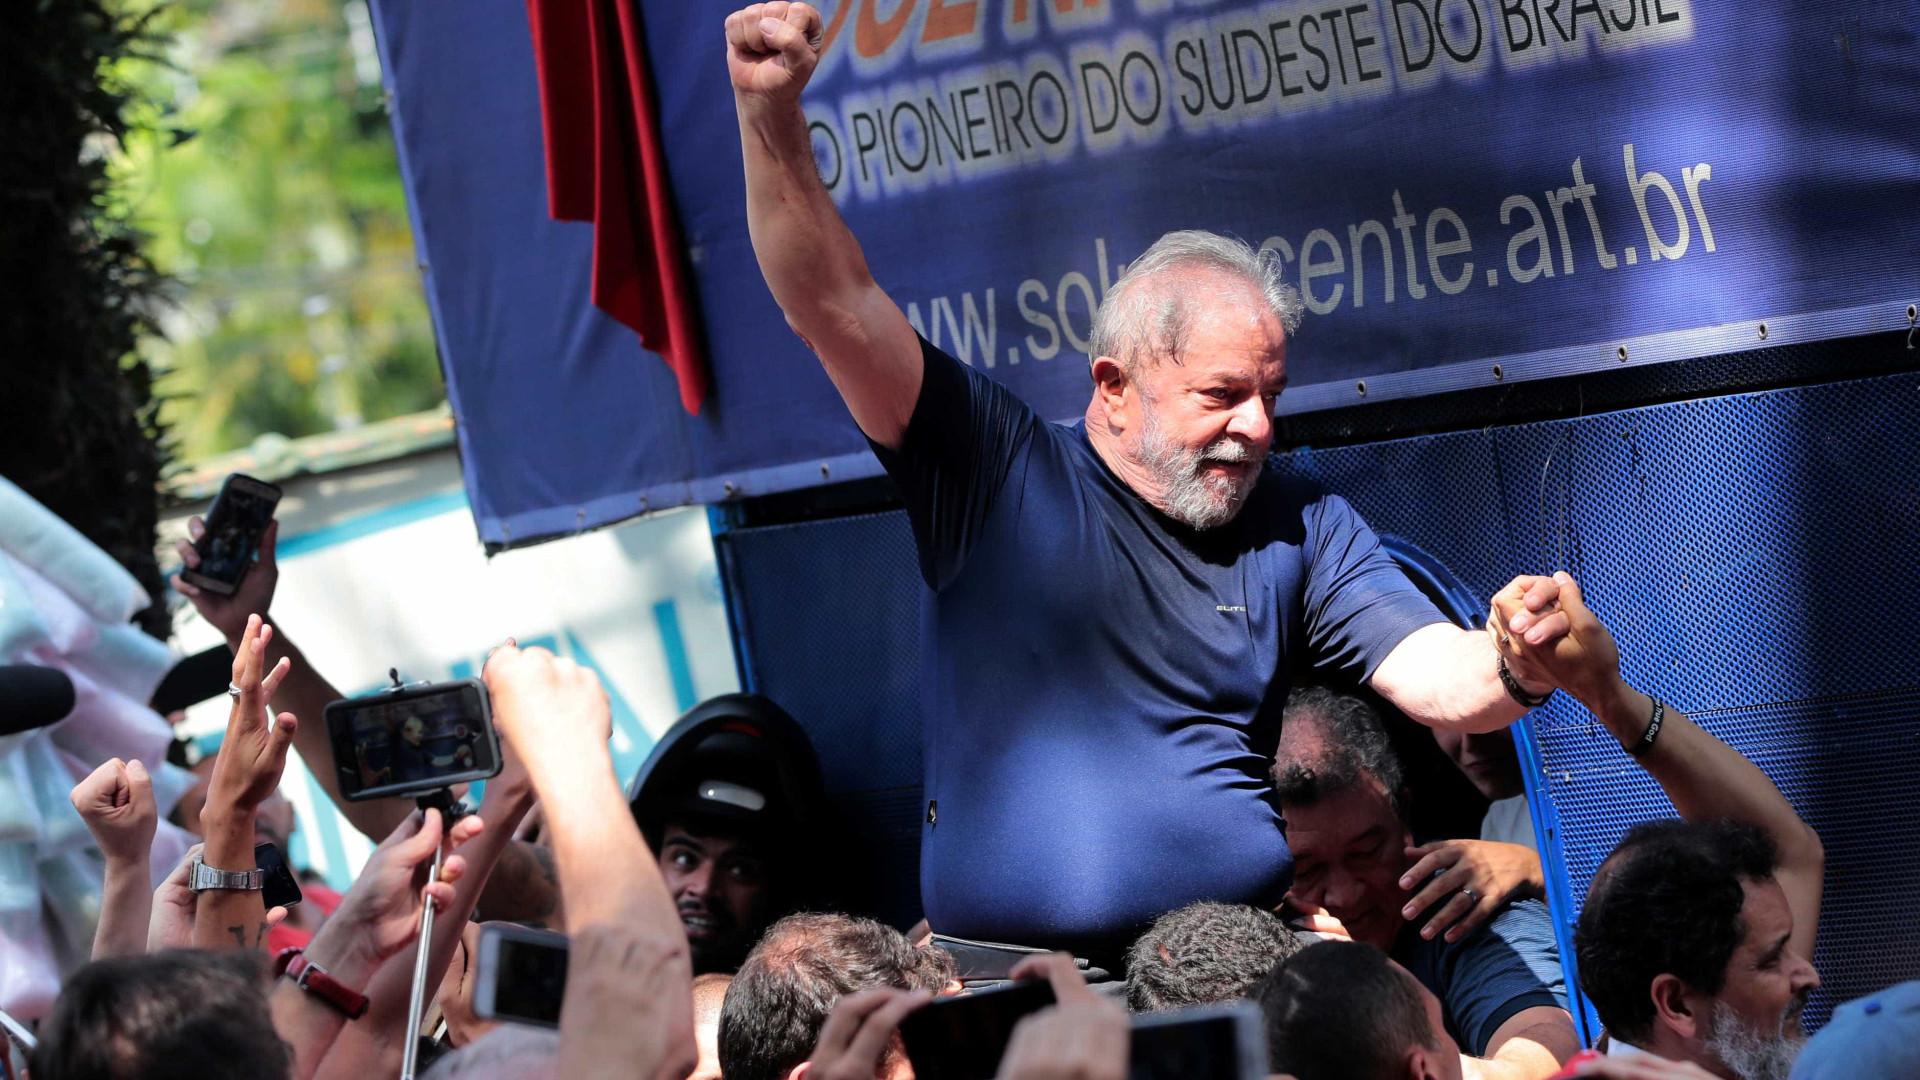 'Por vocês valerá a pena morrer', diz Lula em recado à militância